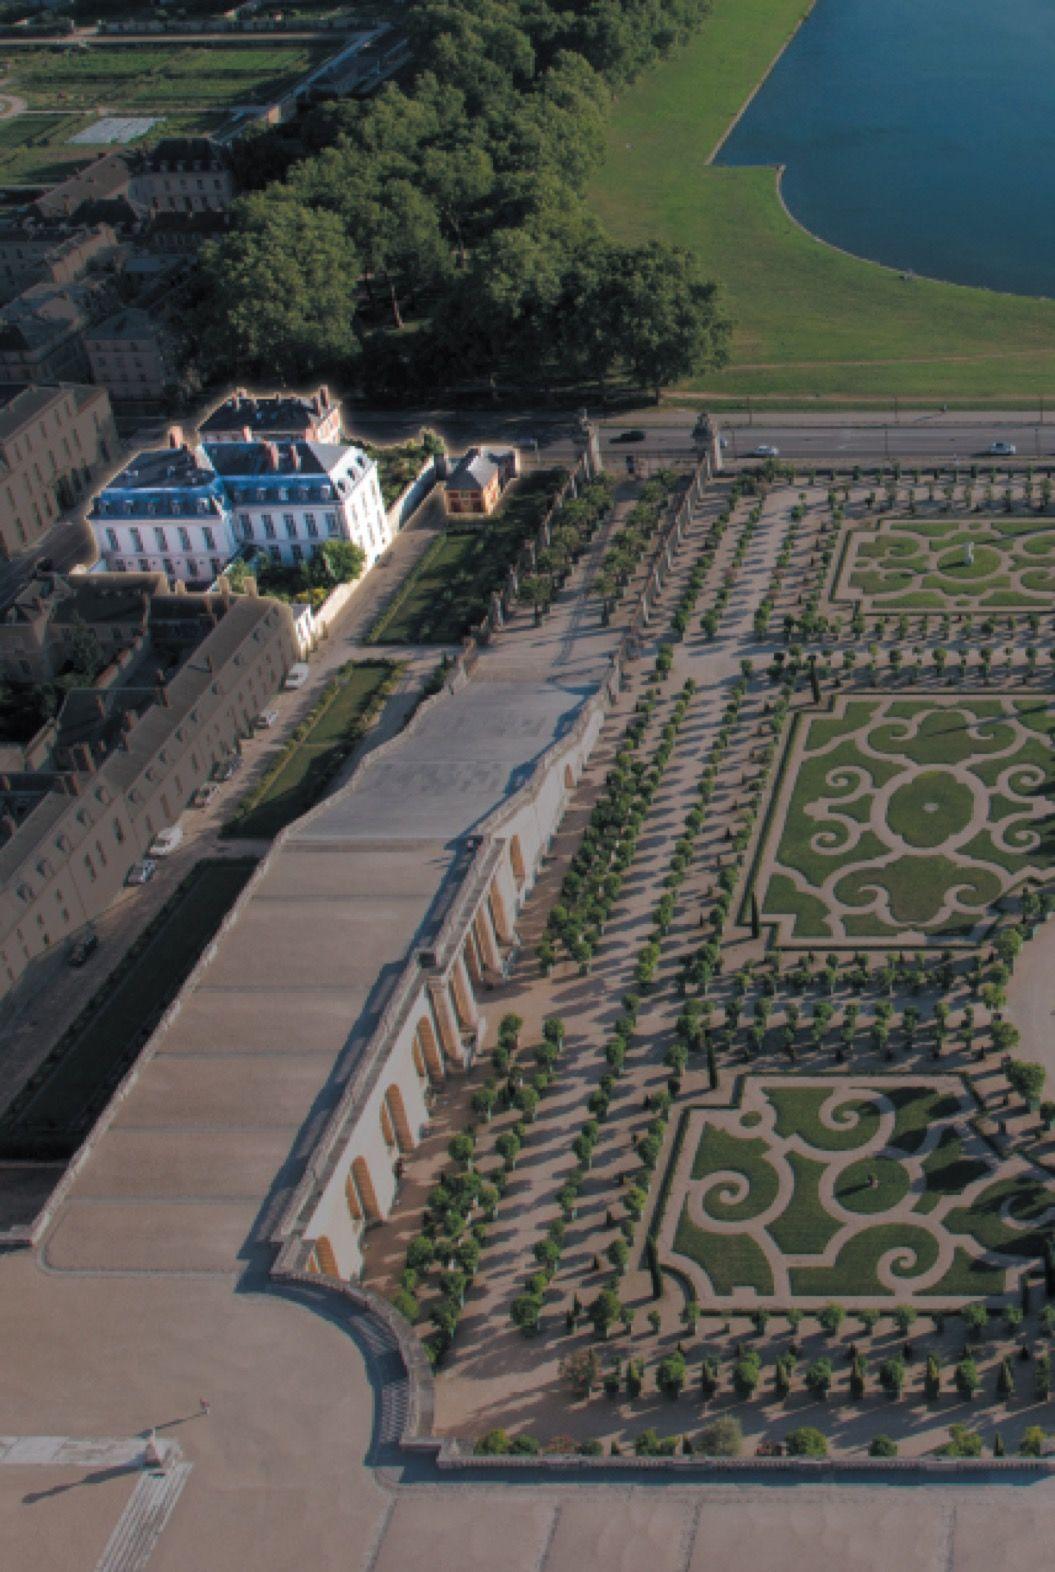 「ベルサイユ宮殿」にホテルとレストランがオープン!料理に腕をふるうのはアラン・デュカス氏